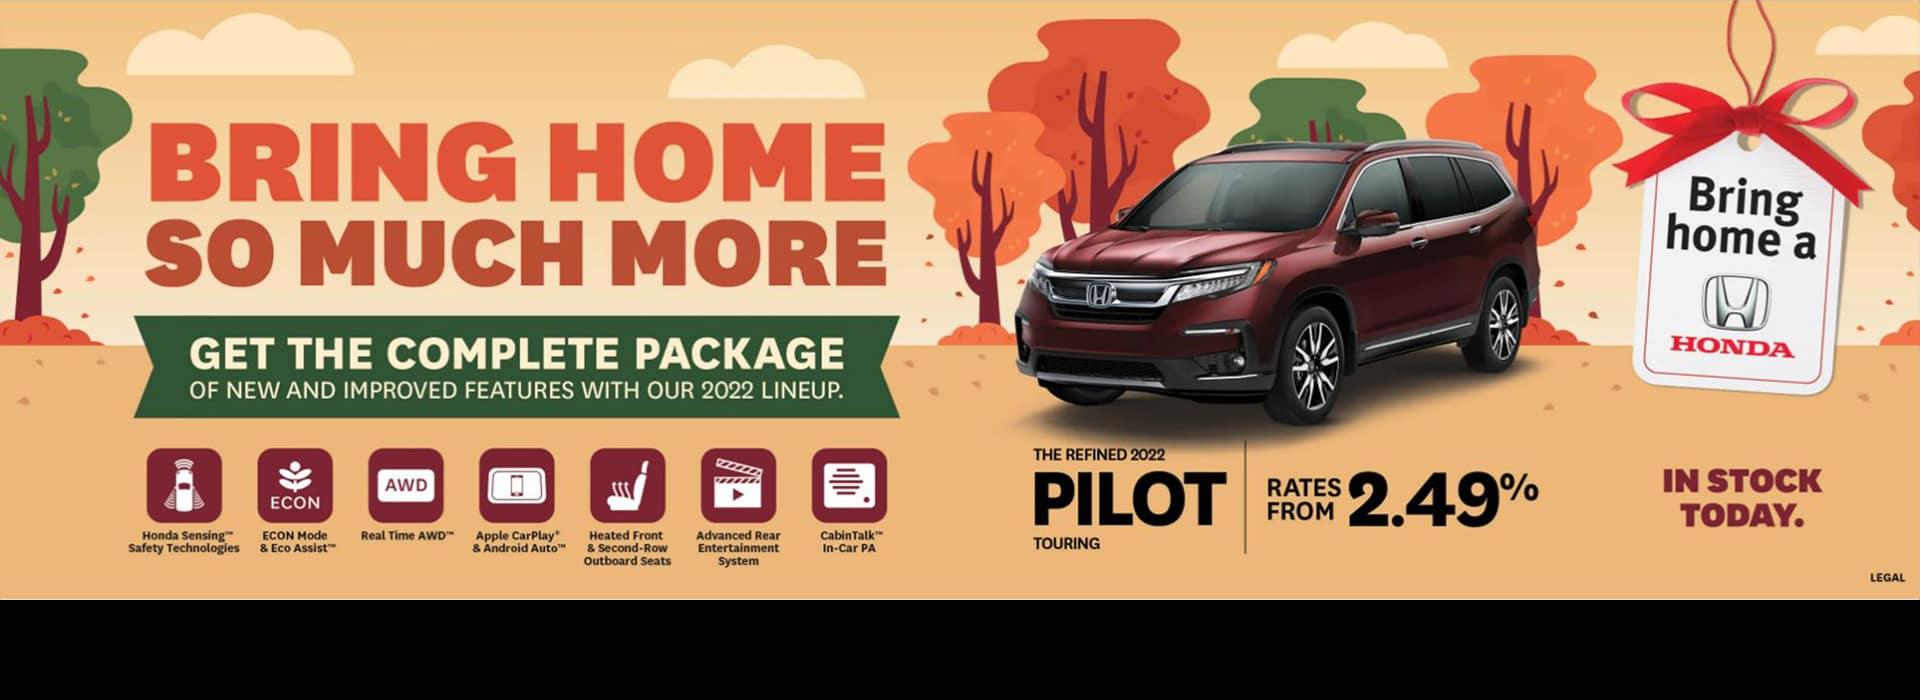 Bring_Home_A_Honda_Pilot_Desktop_Oct_1